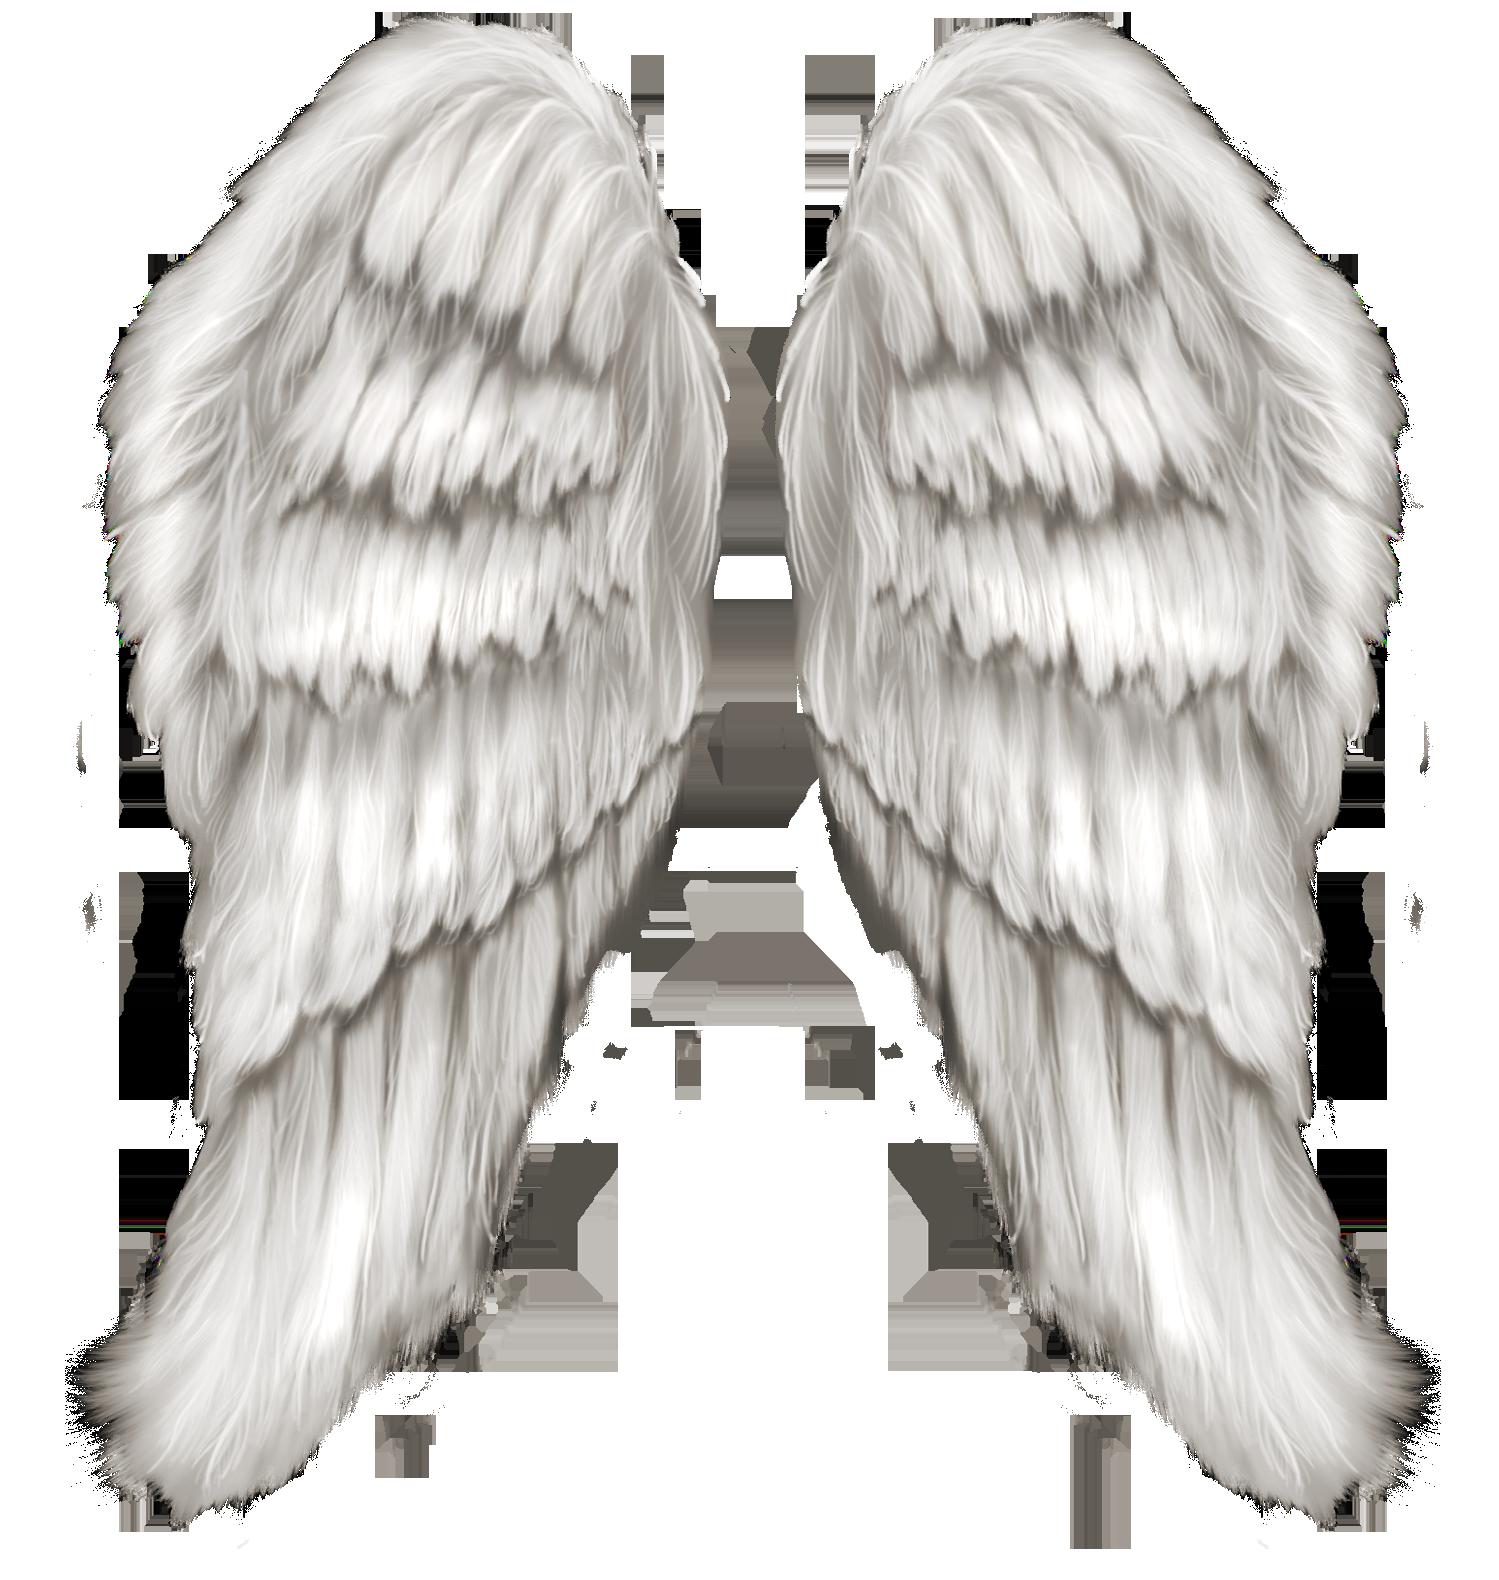 Картинки ангельских крыльев без фона